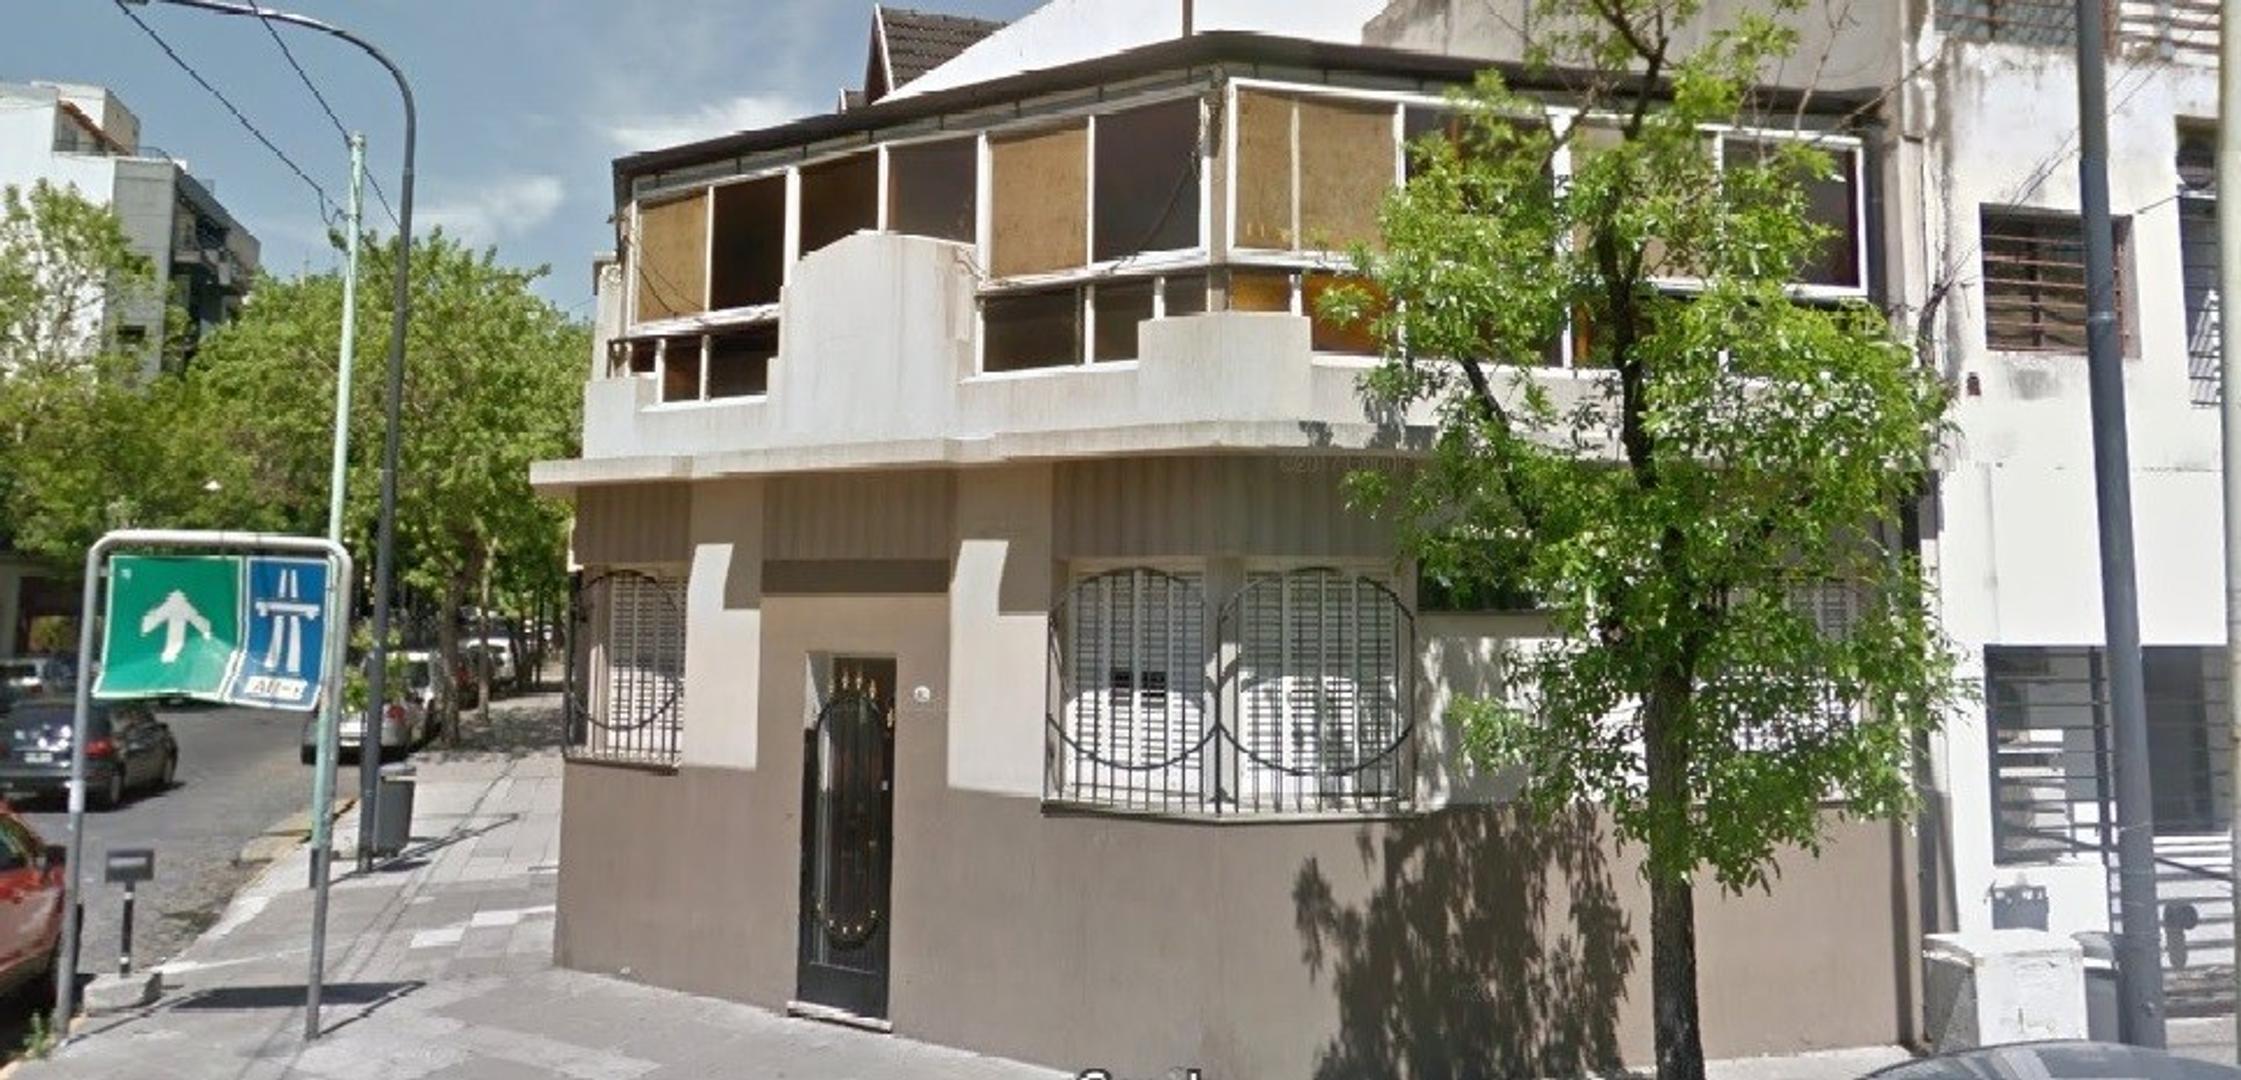 Casa - Venta - Argentina, Capital Federal - Valle  AL 300